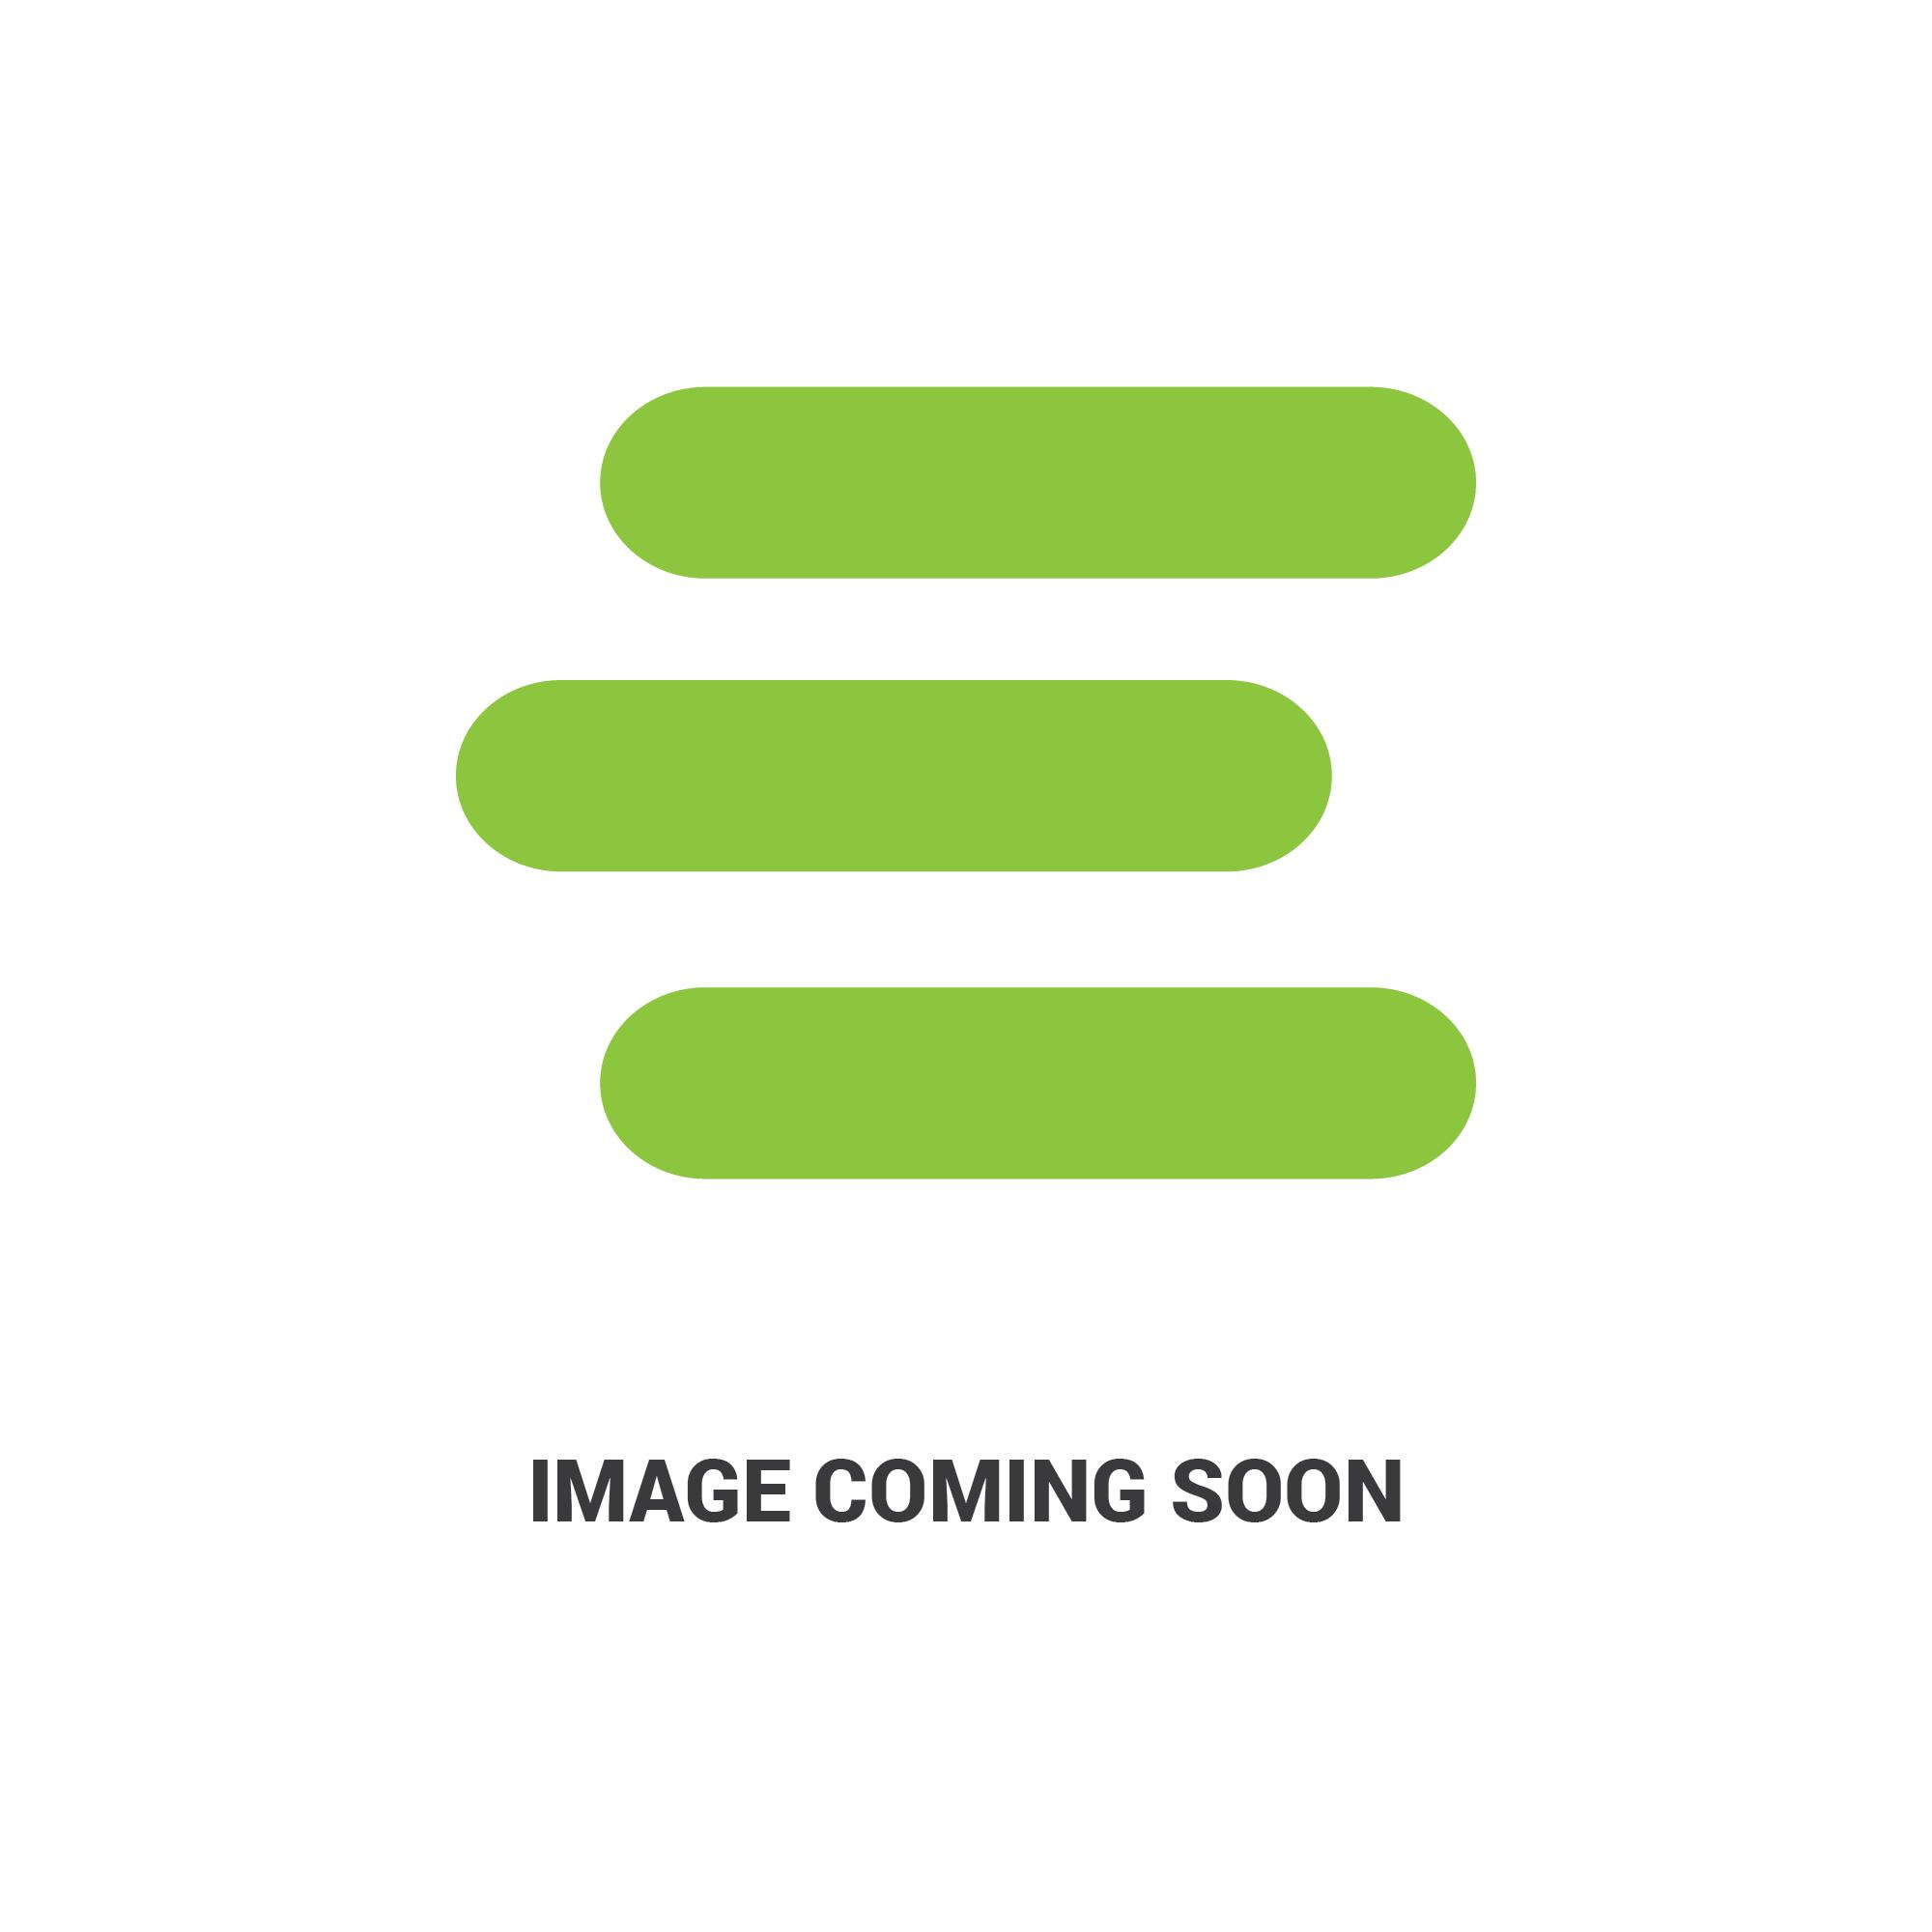 E-3C001-82963edit 1.jpg